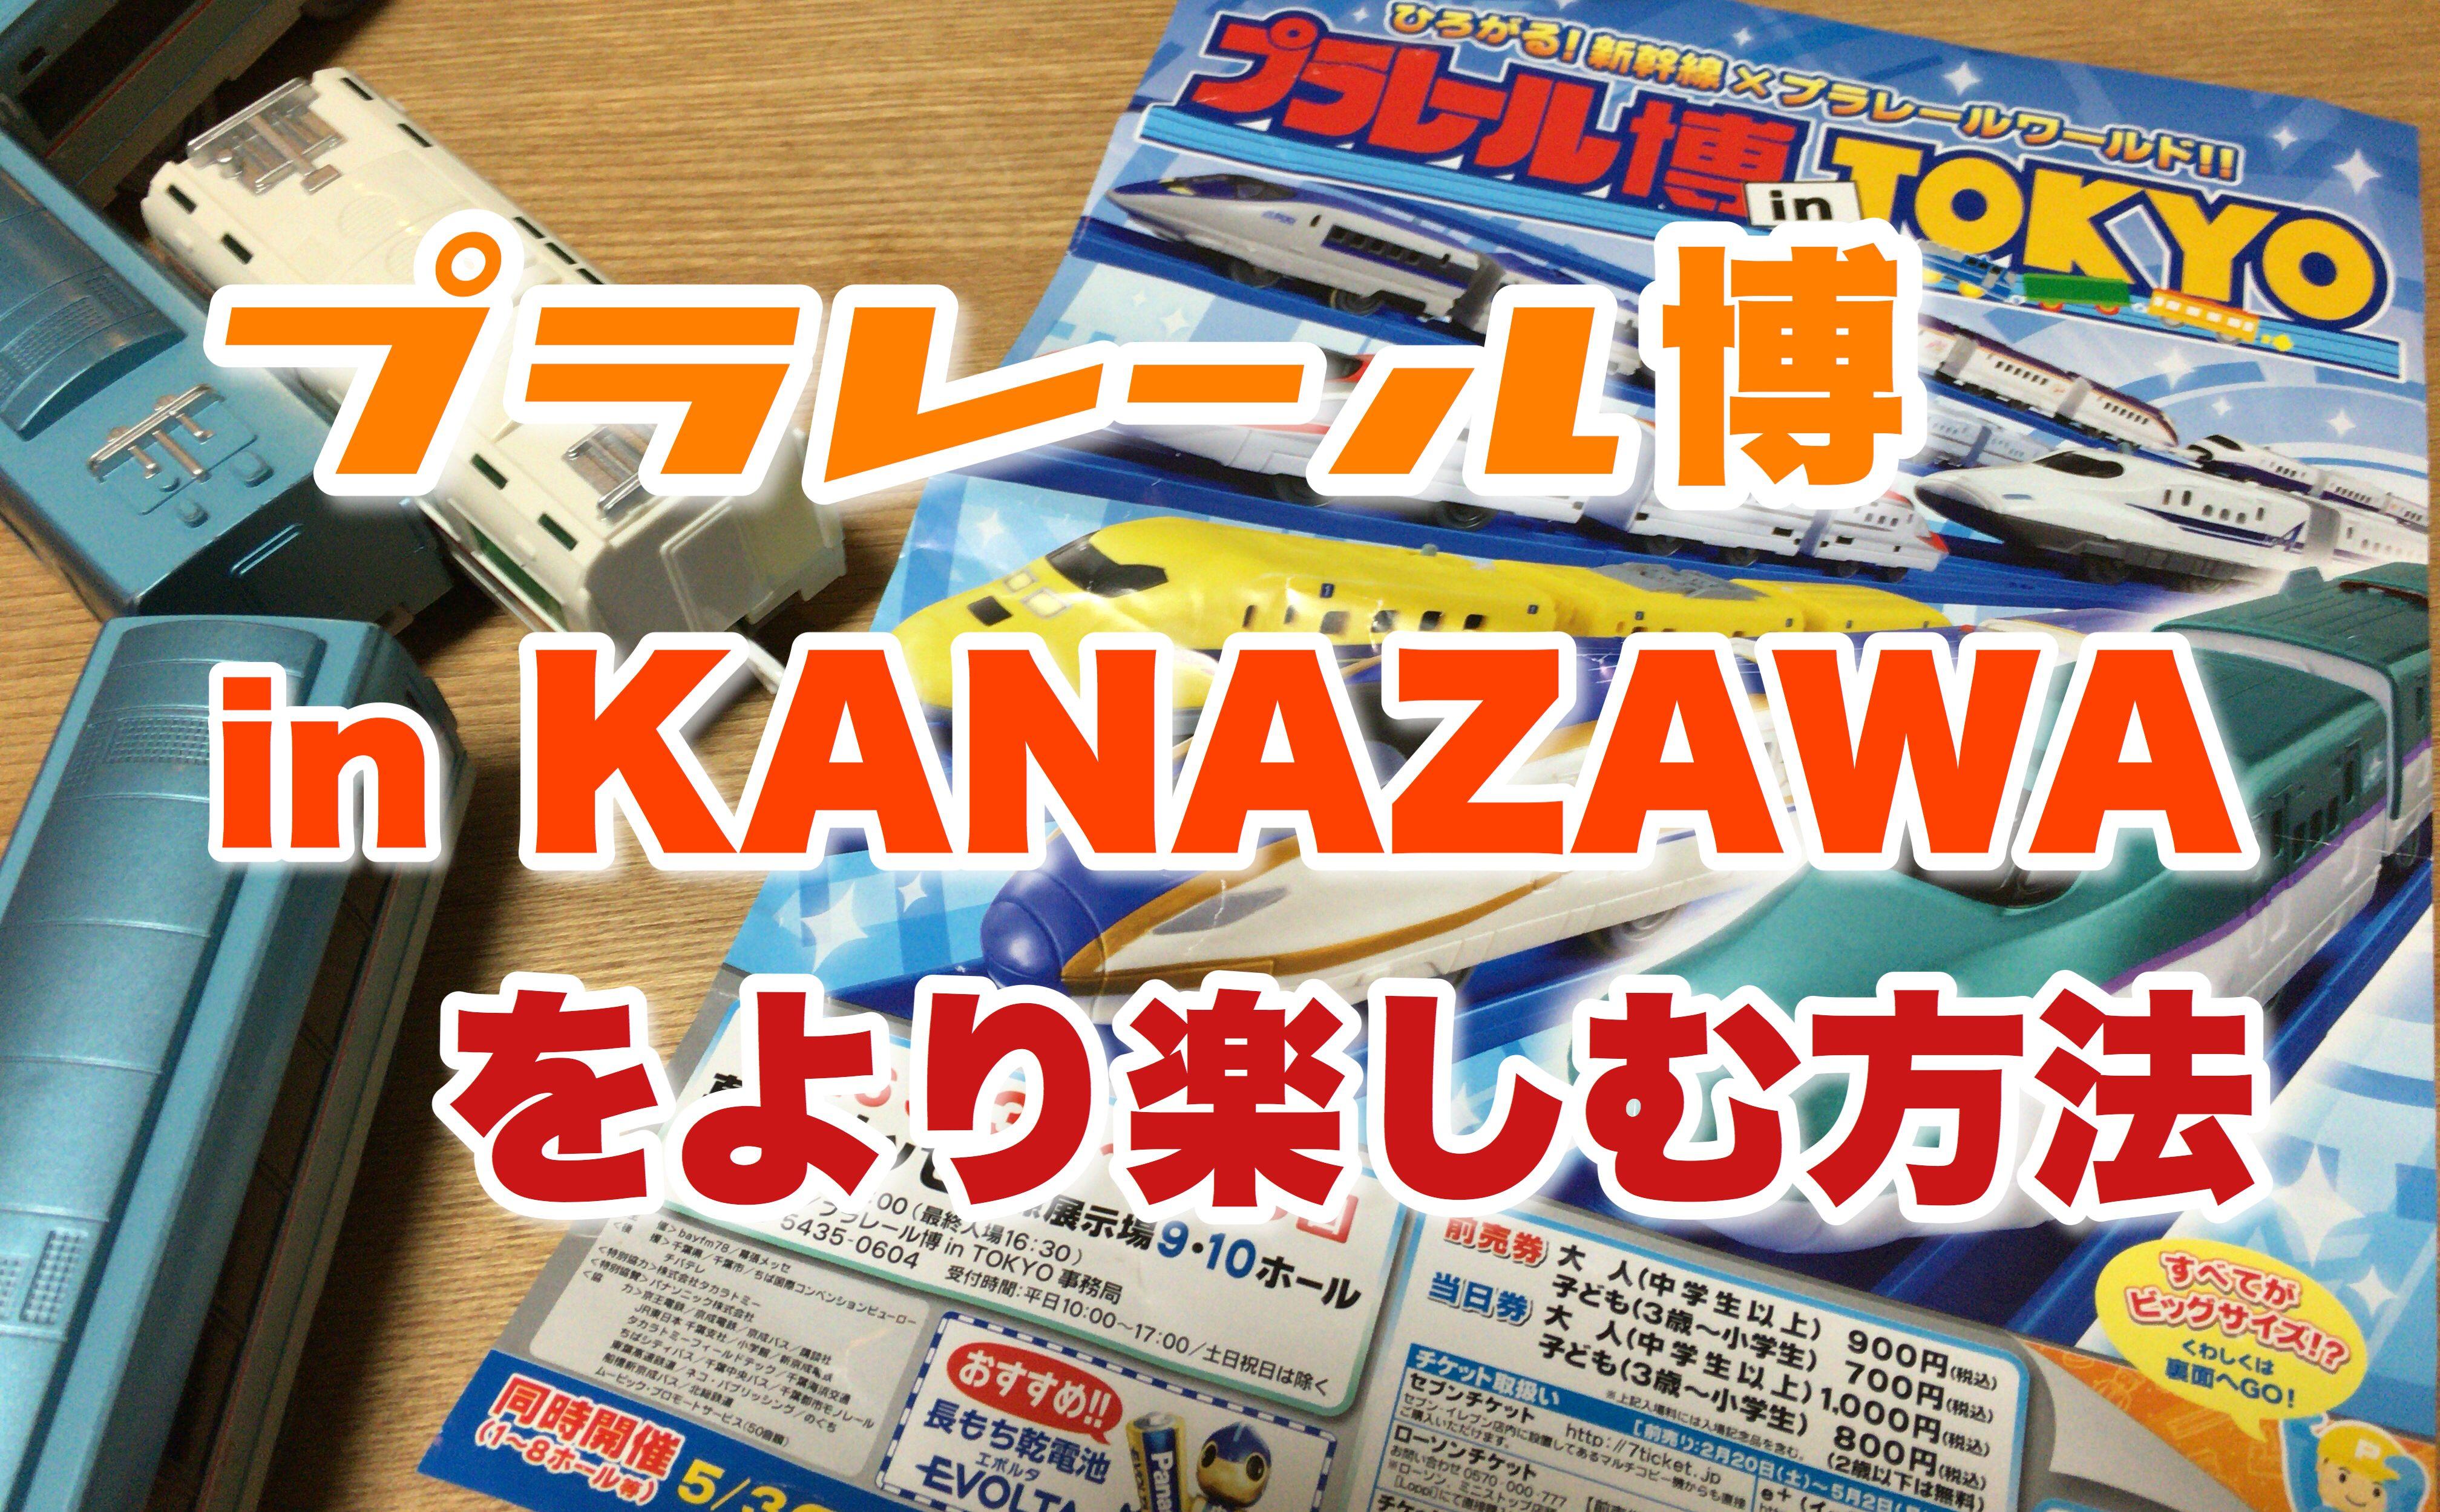 プラレール博 in KANAZAWA